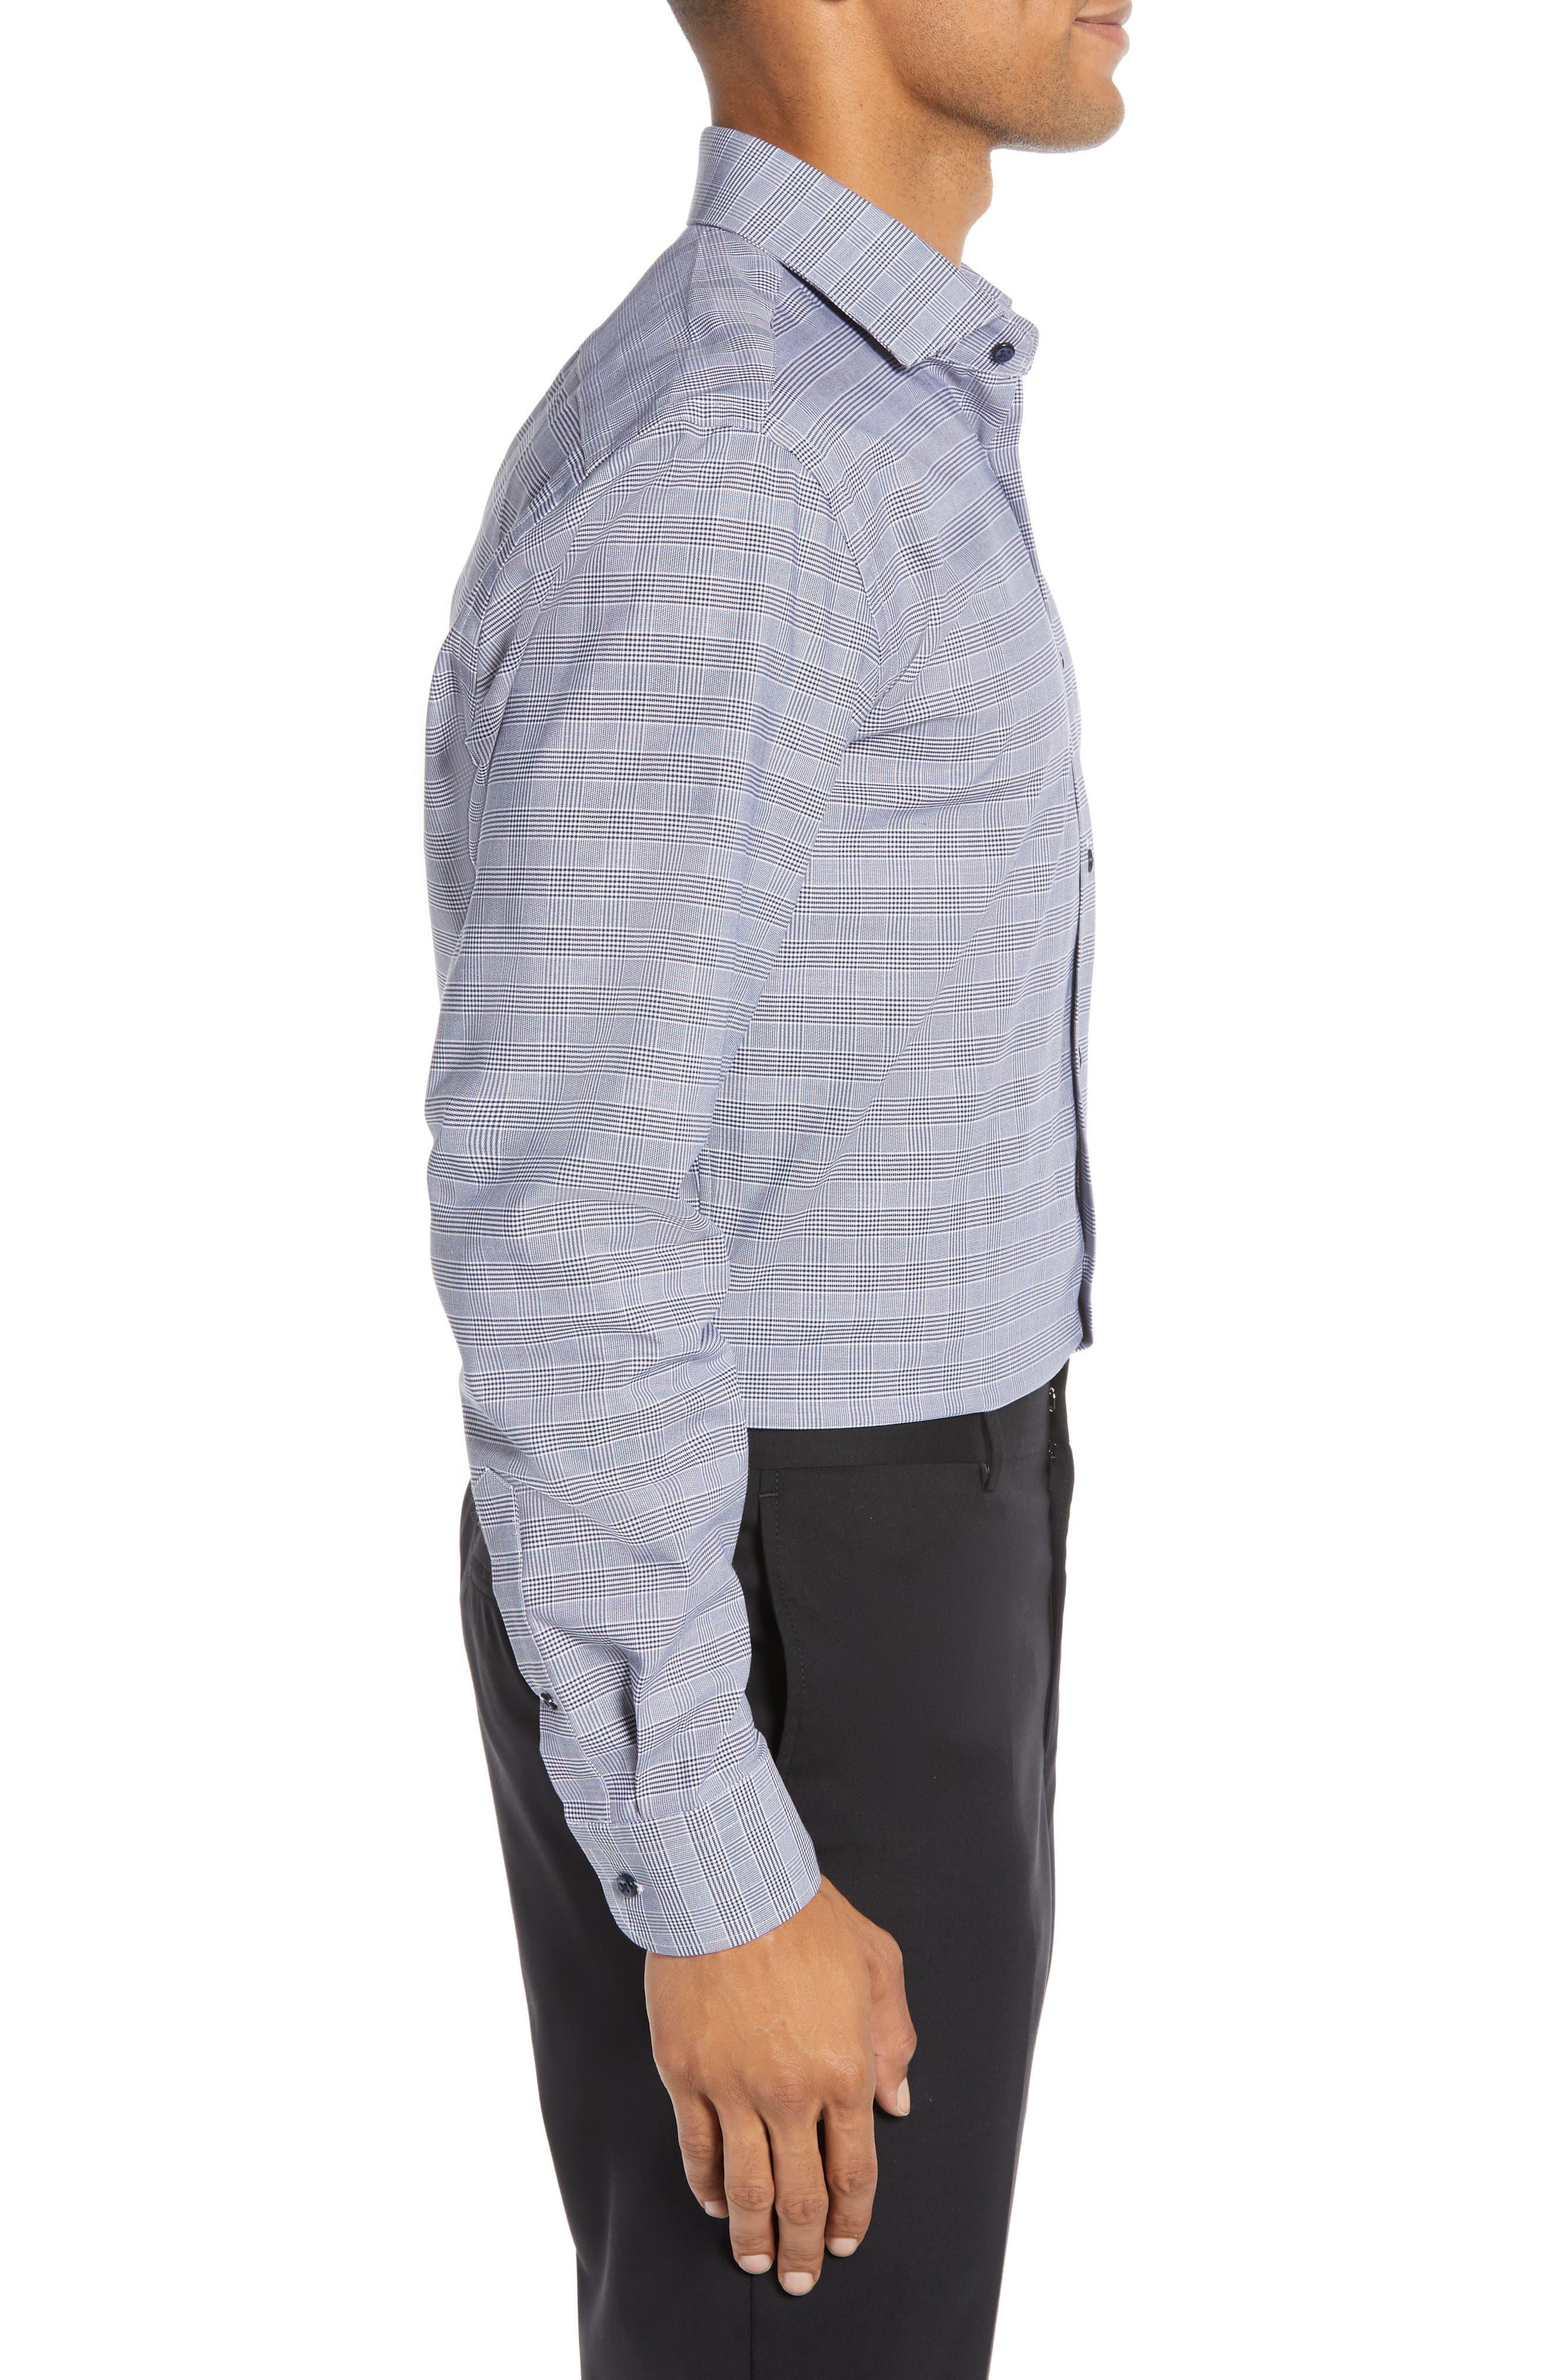 Tech-Smart Trim Fit Stretch Plaid Dress Shirt,                             Alternate thumbnail 4, color,                             NAVY PEACOAT